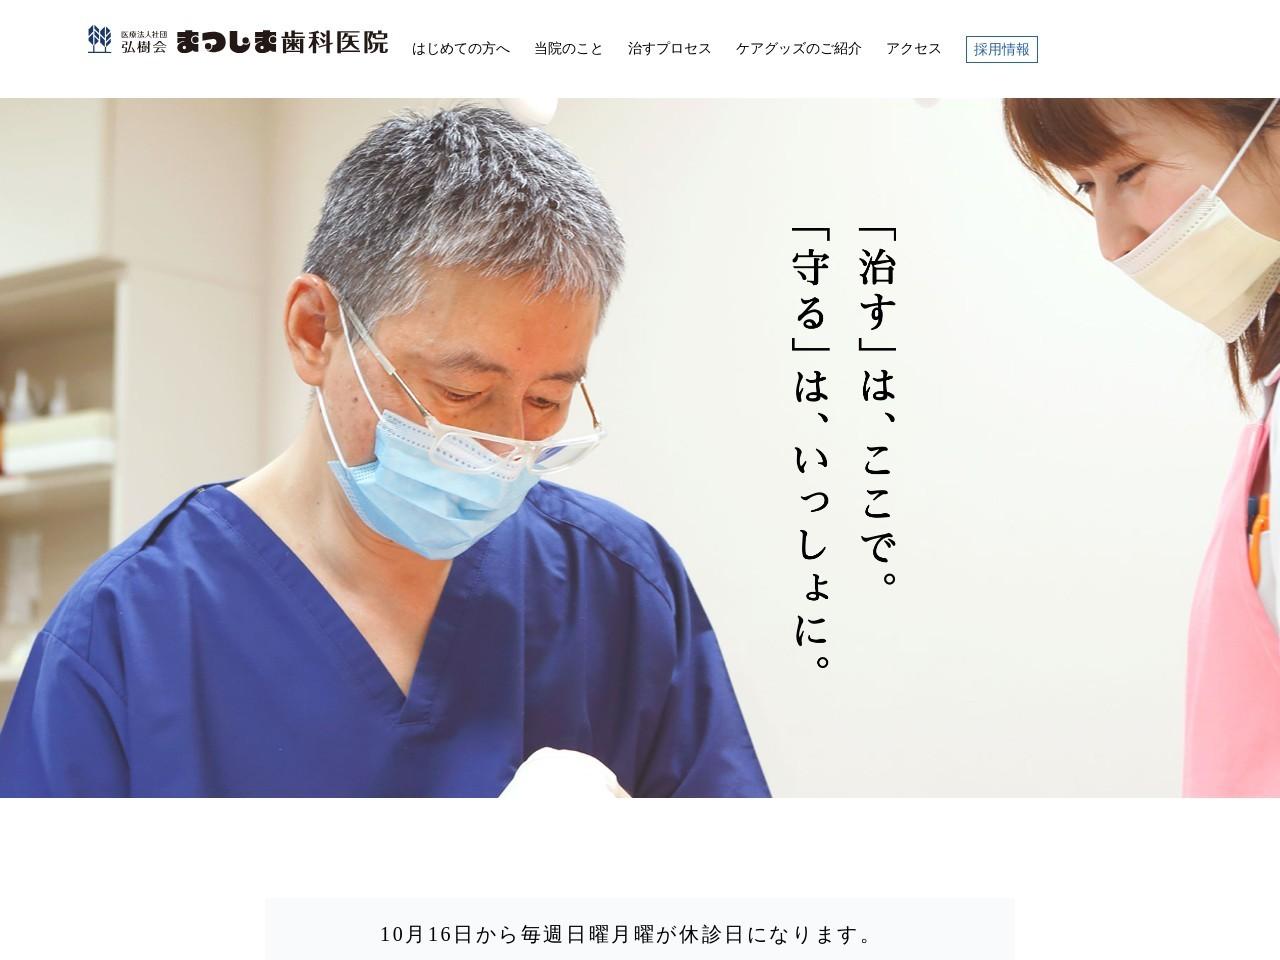 まつしま歯科医院 (北海道札幌市西区)